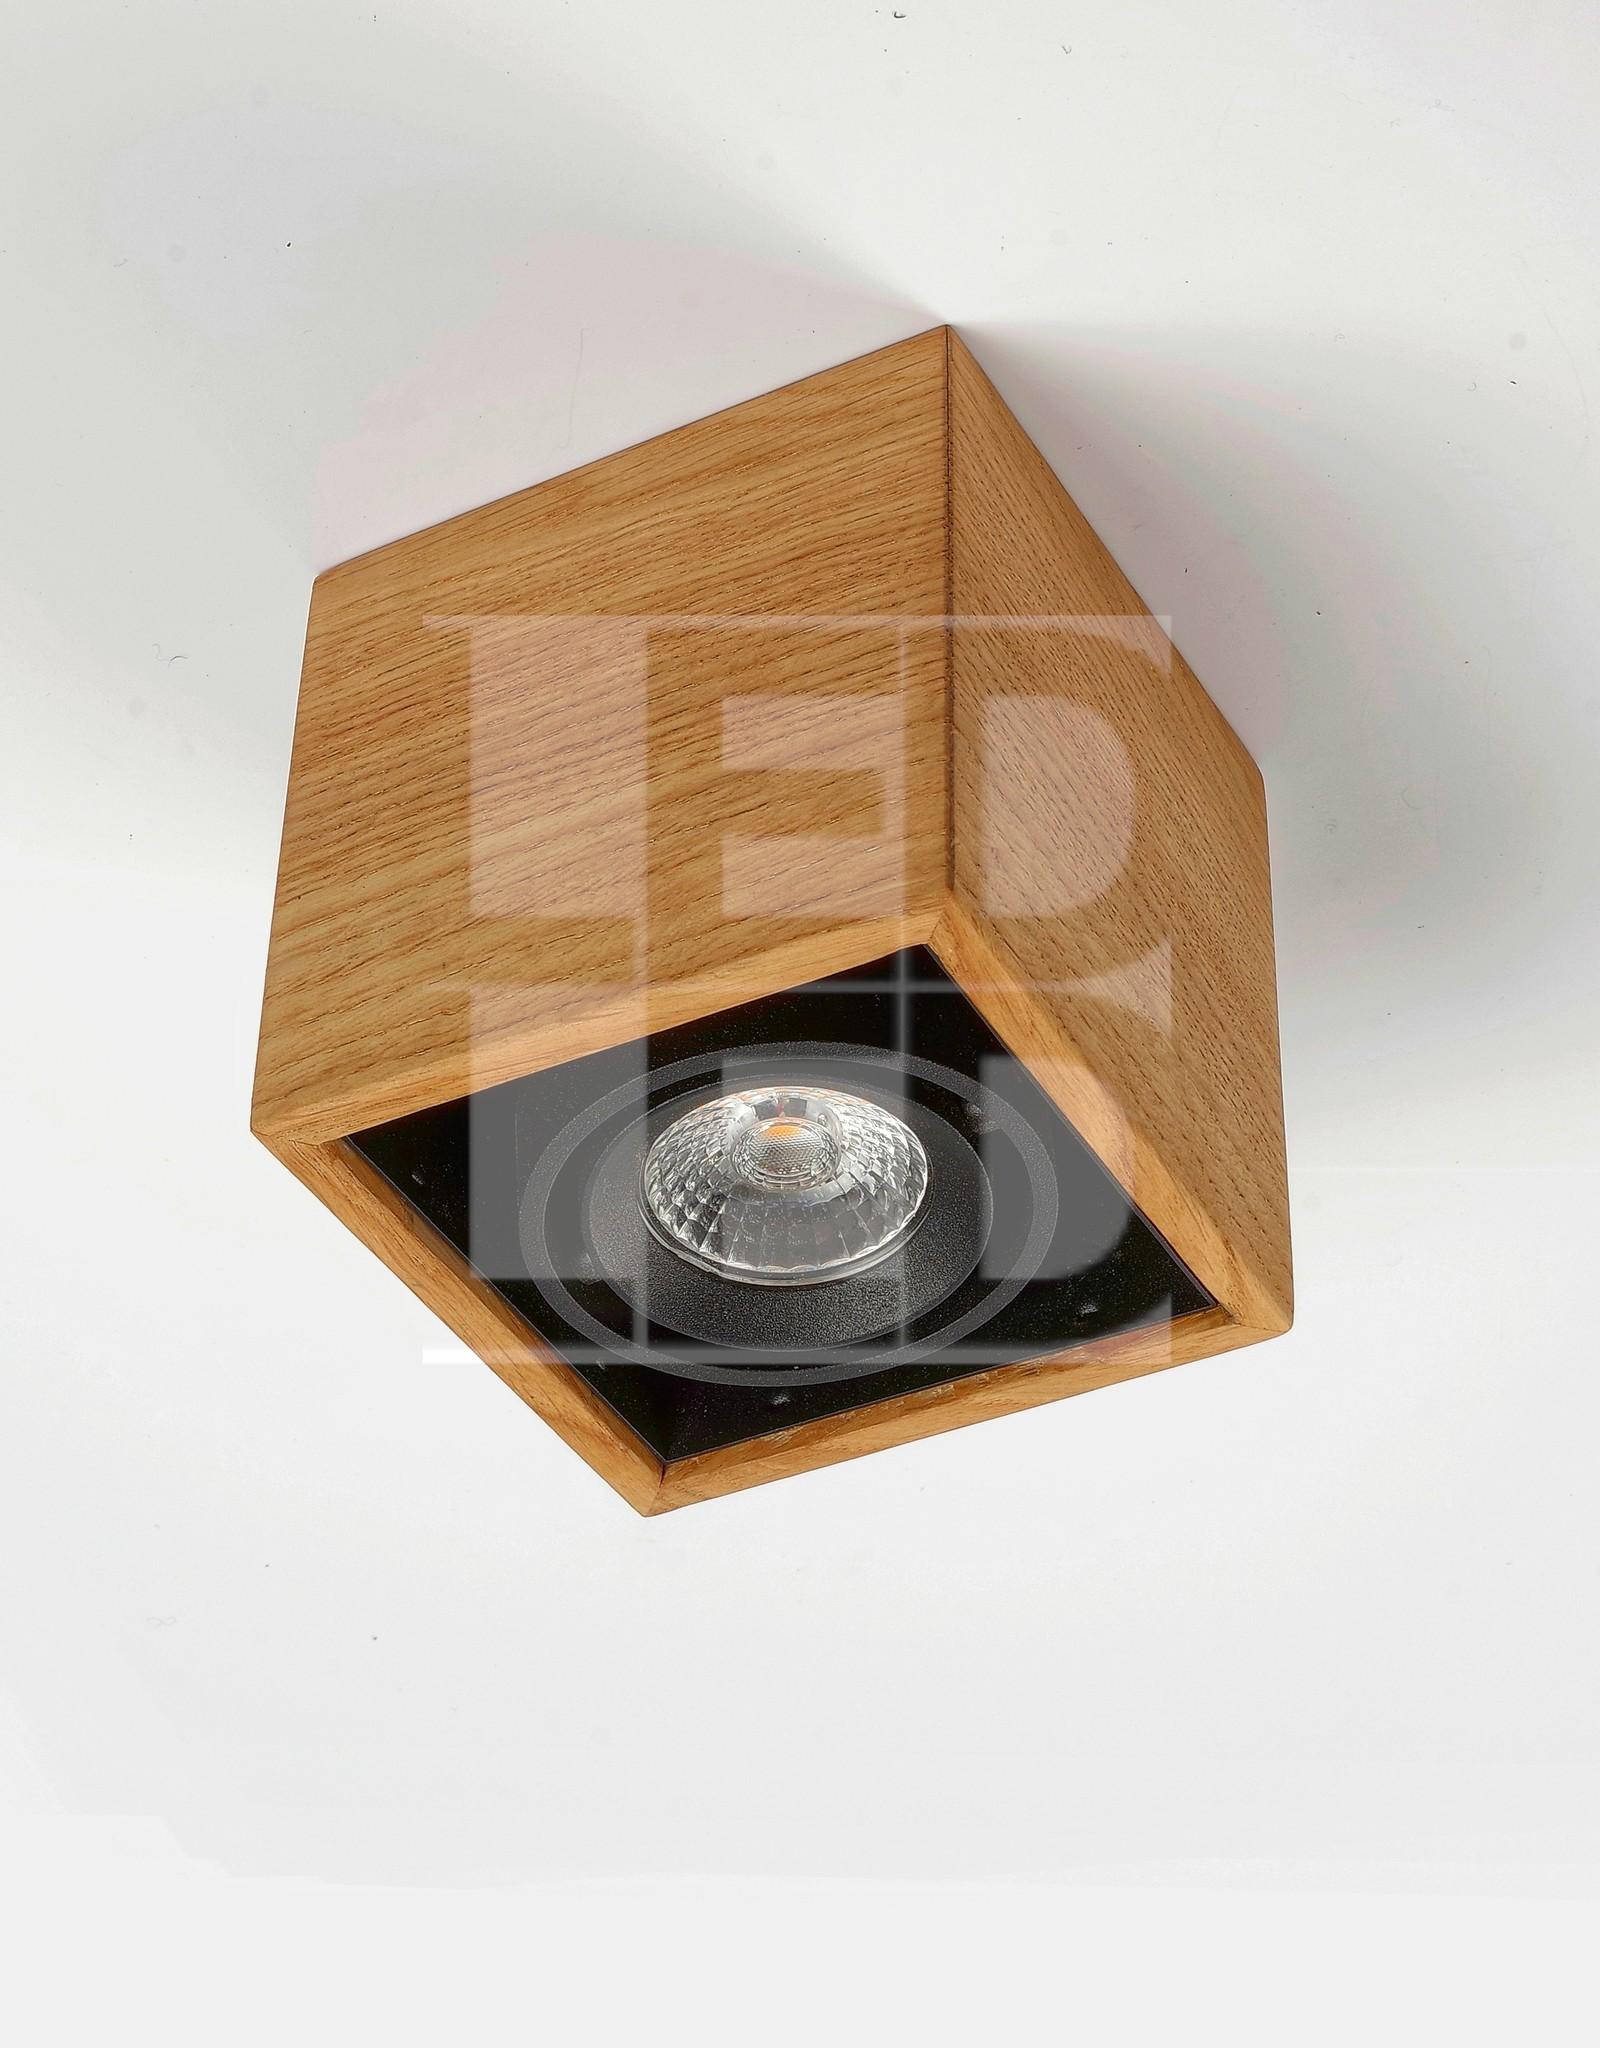 Trimless LED Light Enkel - Wooden Design